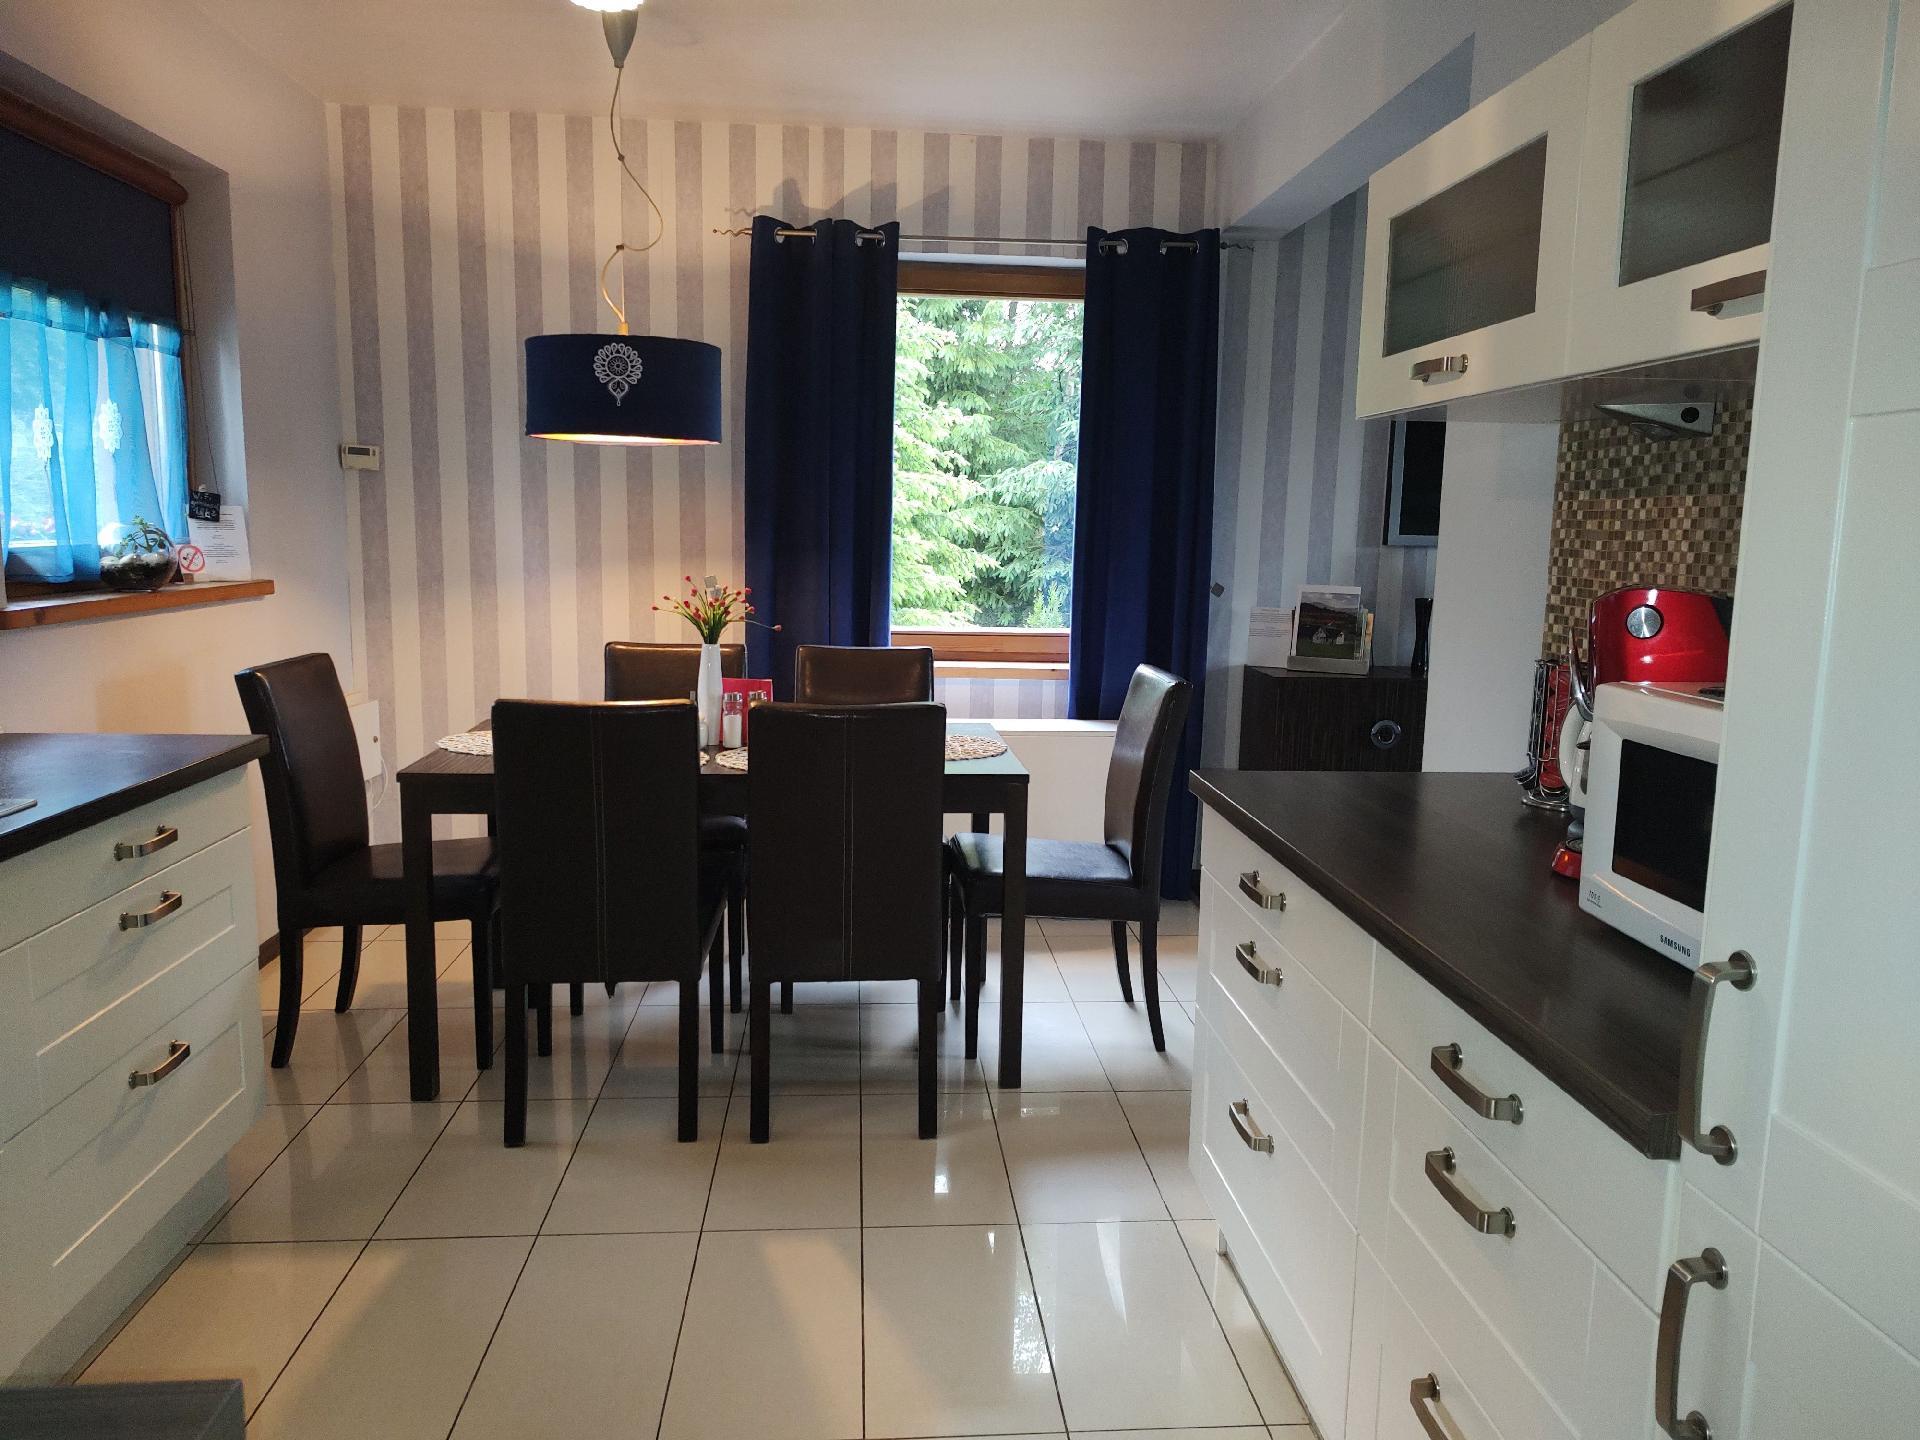 Ferienhaus für 8 Personen  + 2 Kinder ca. 150  in Polen